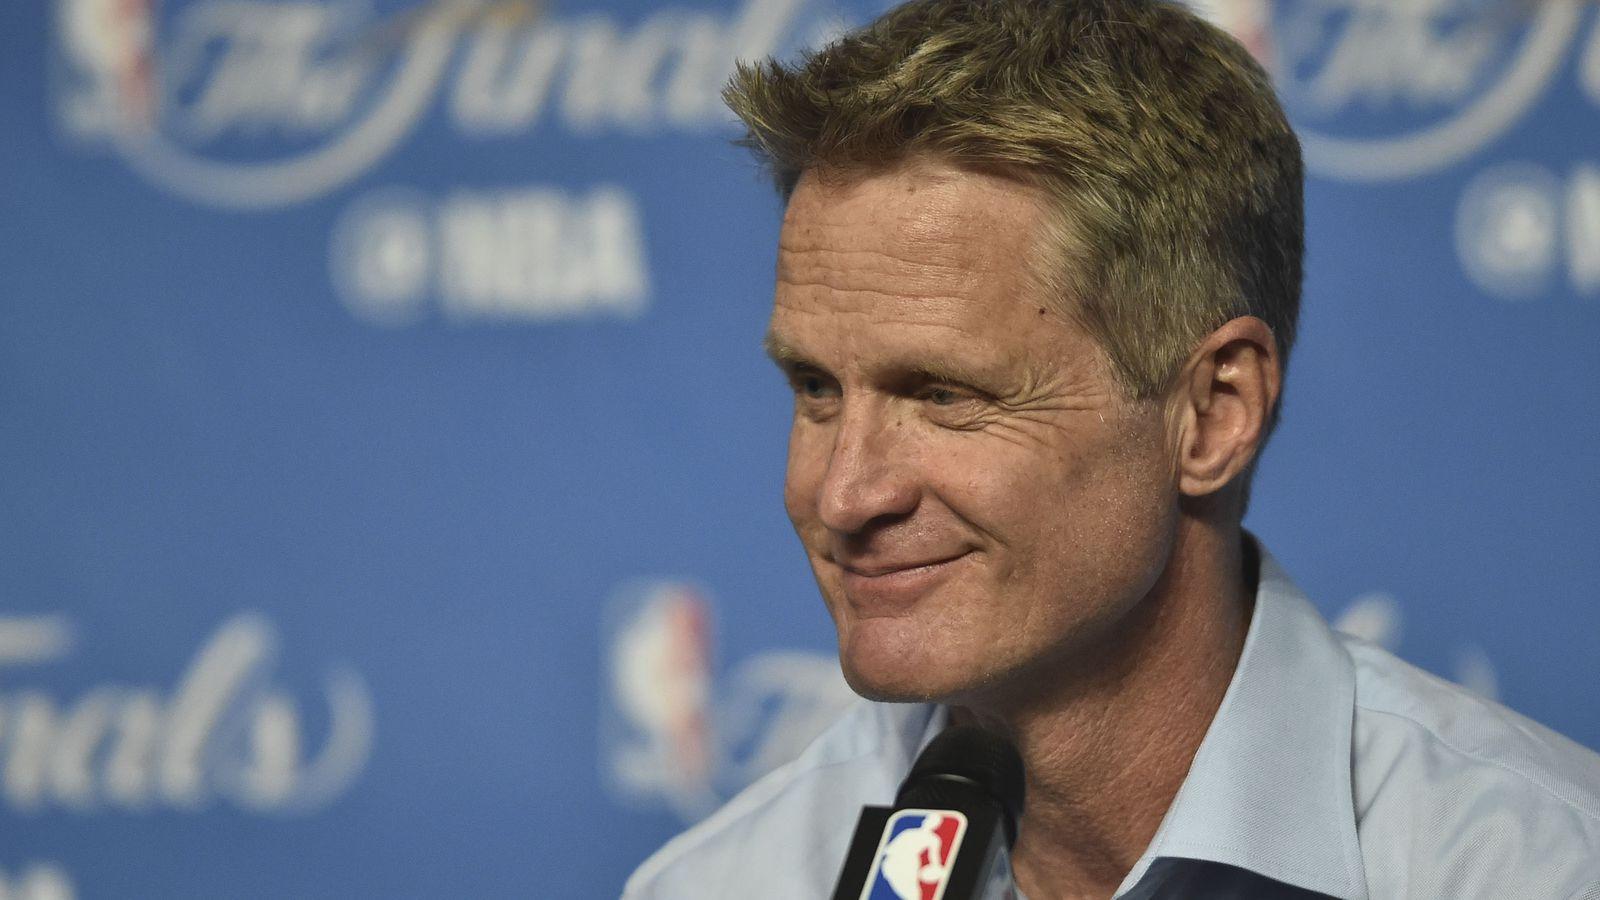 史蒂夫科尔开玩笑地回应了退役的NBA球员声称他们可以击败勇士队